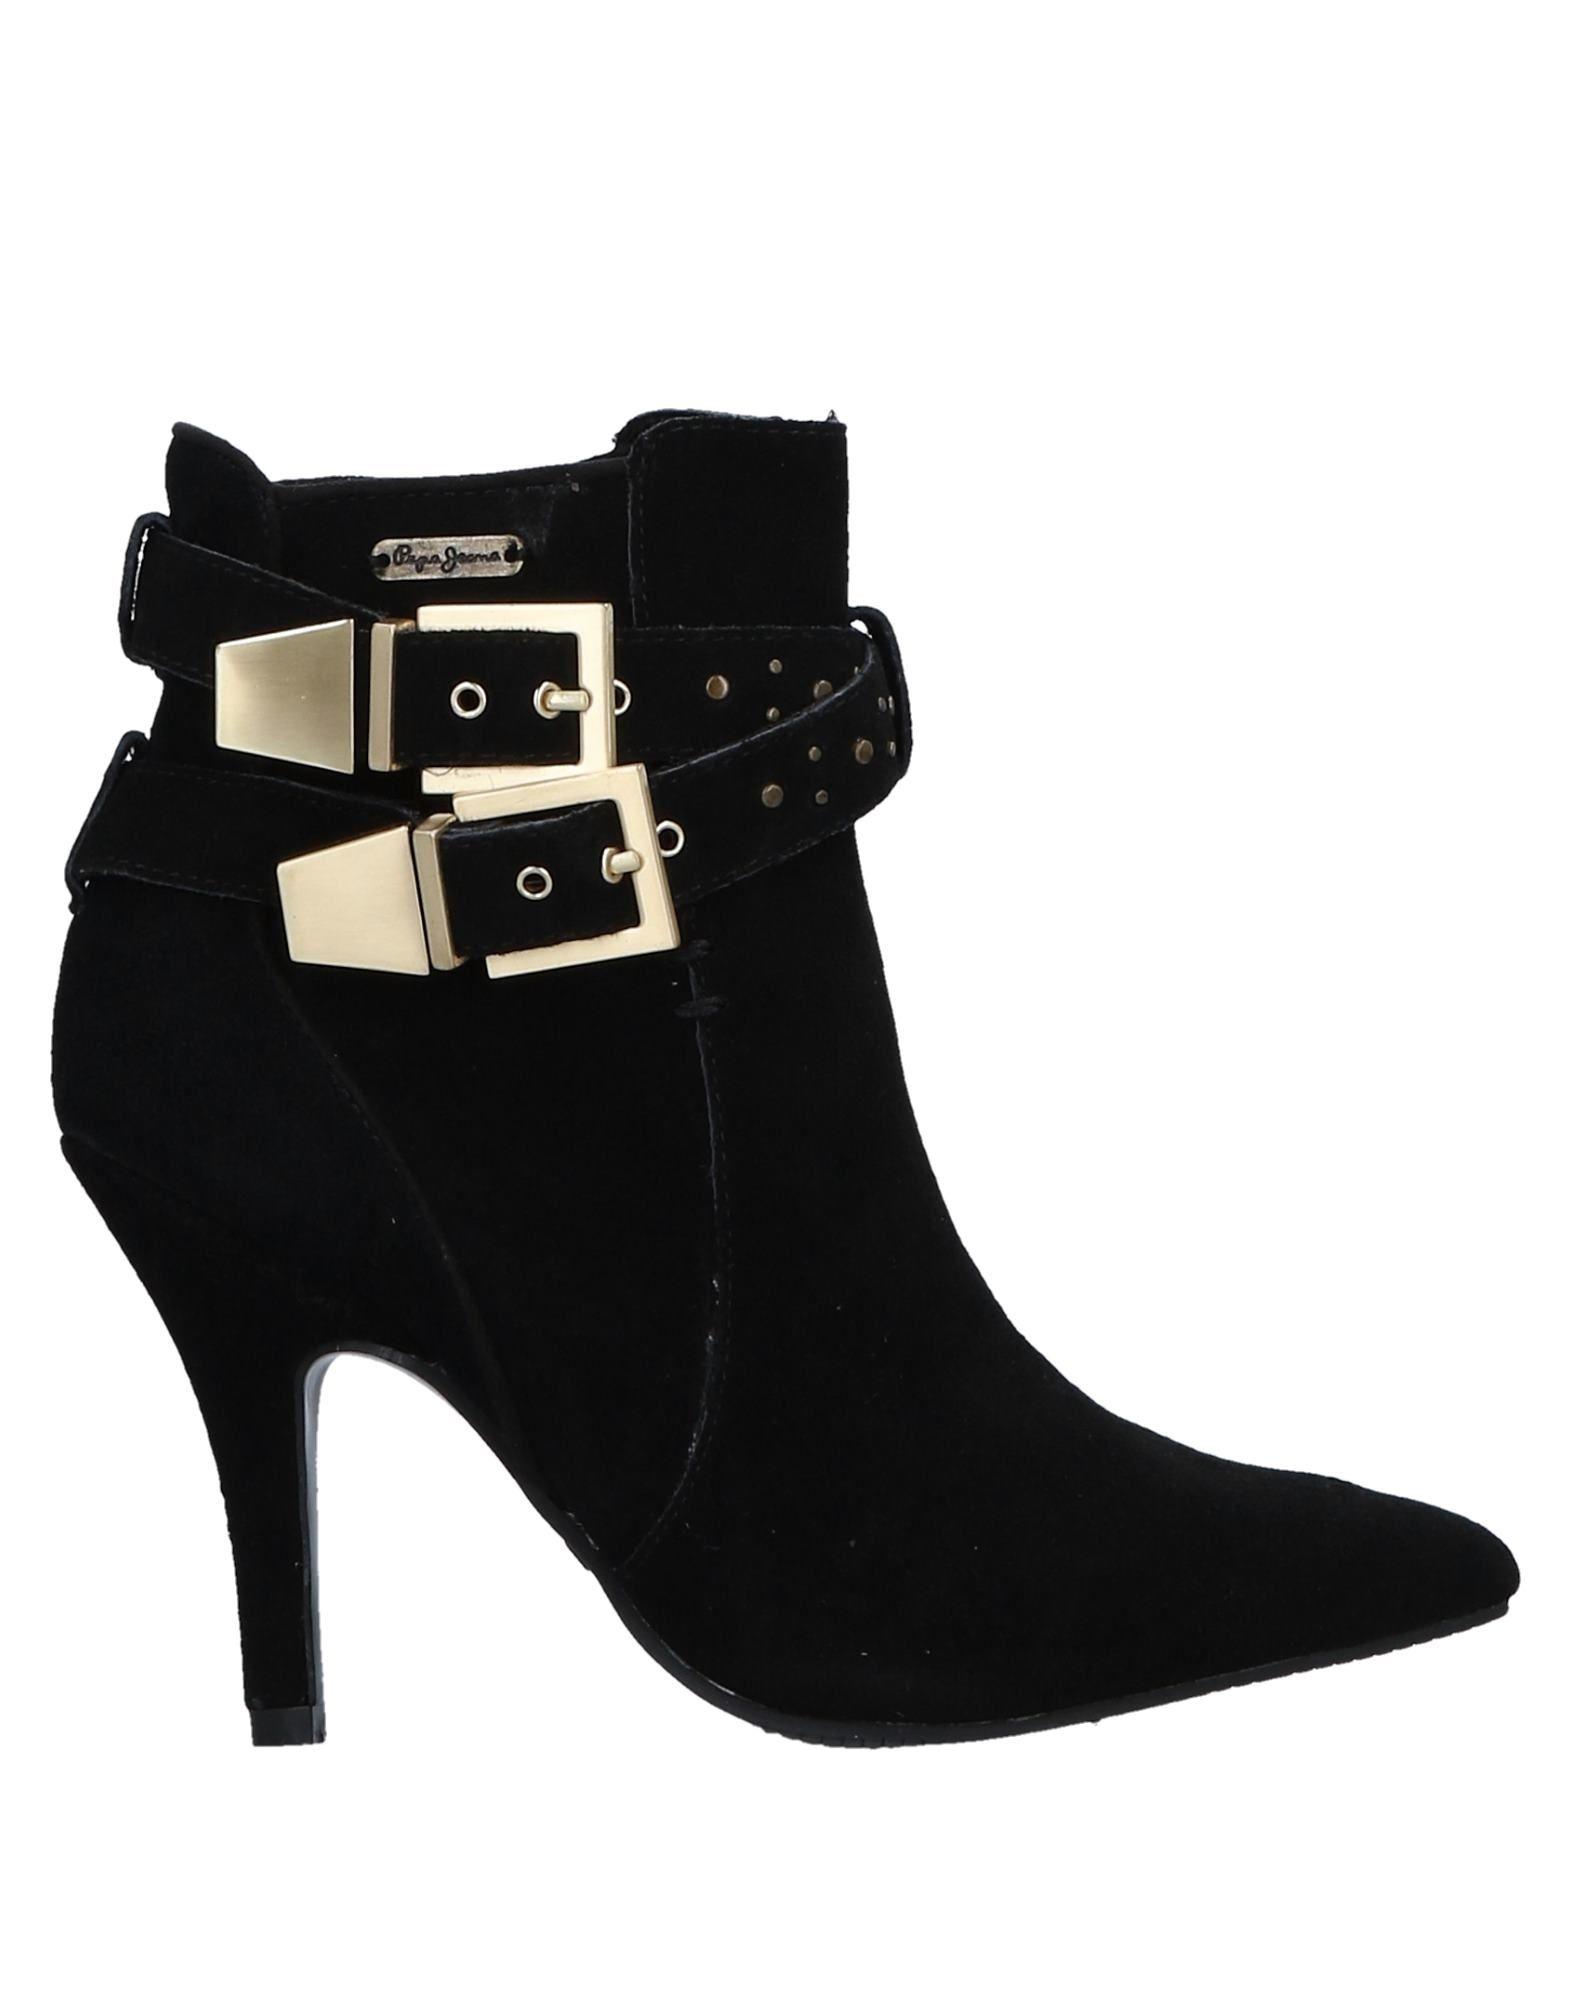 Pepe Jeans Stiefelette Damen  11525475OV Gute Qualität beliebte Schuhe